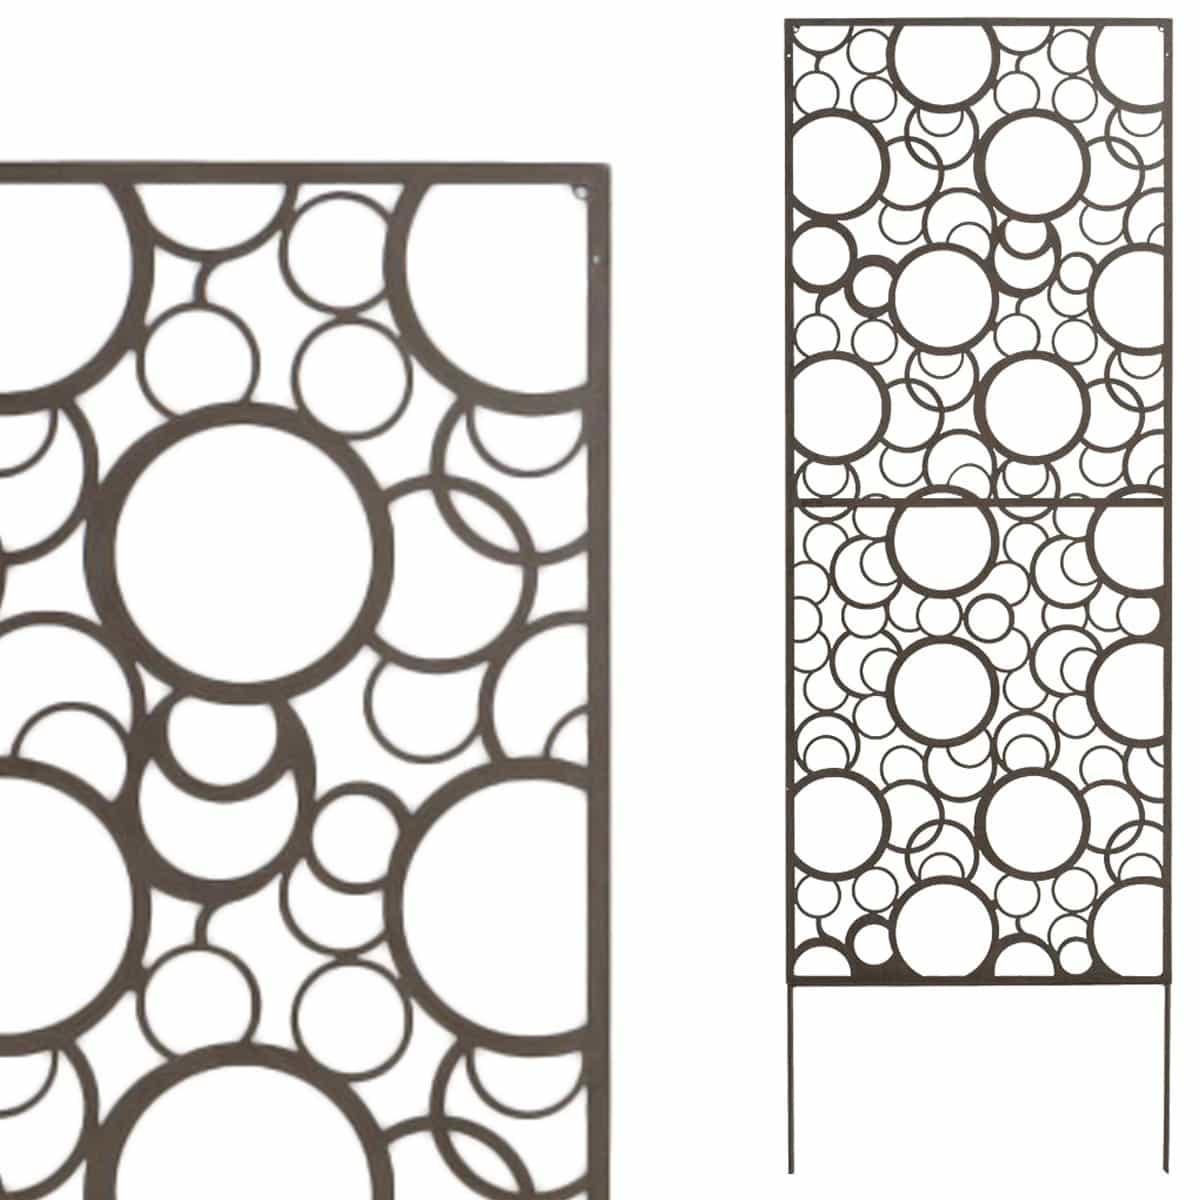 Panneau d coratif seventies x m tal cloture et occultation - Panneau decoratif jardin metal ...